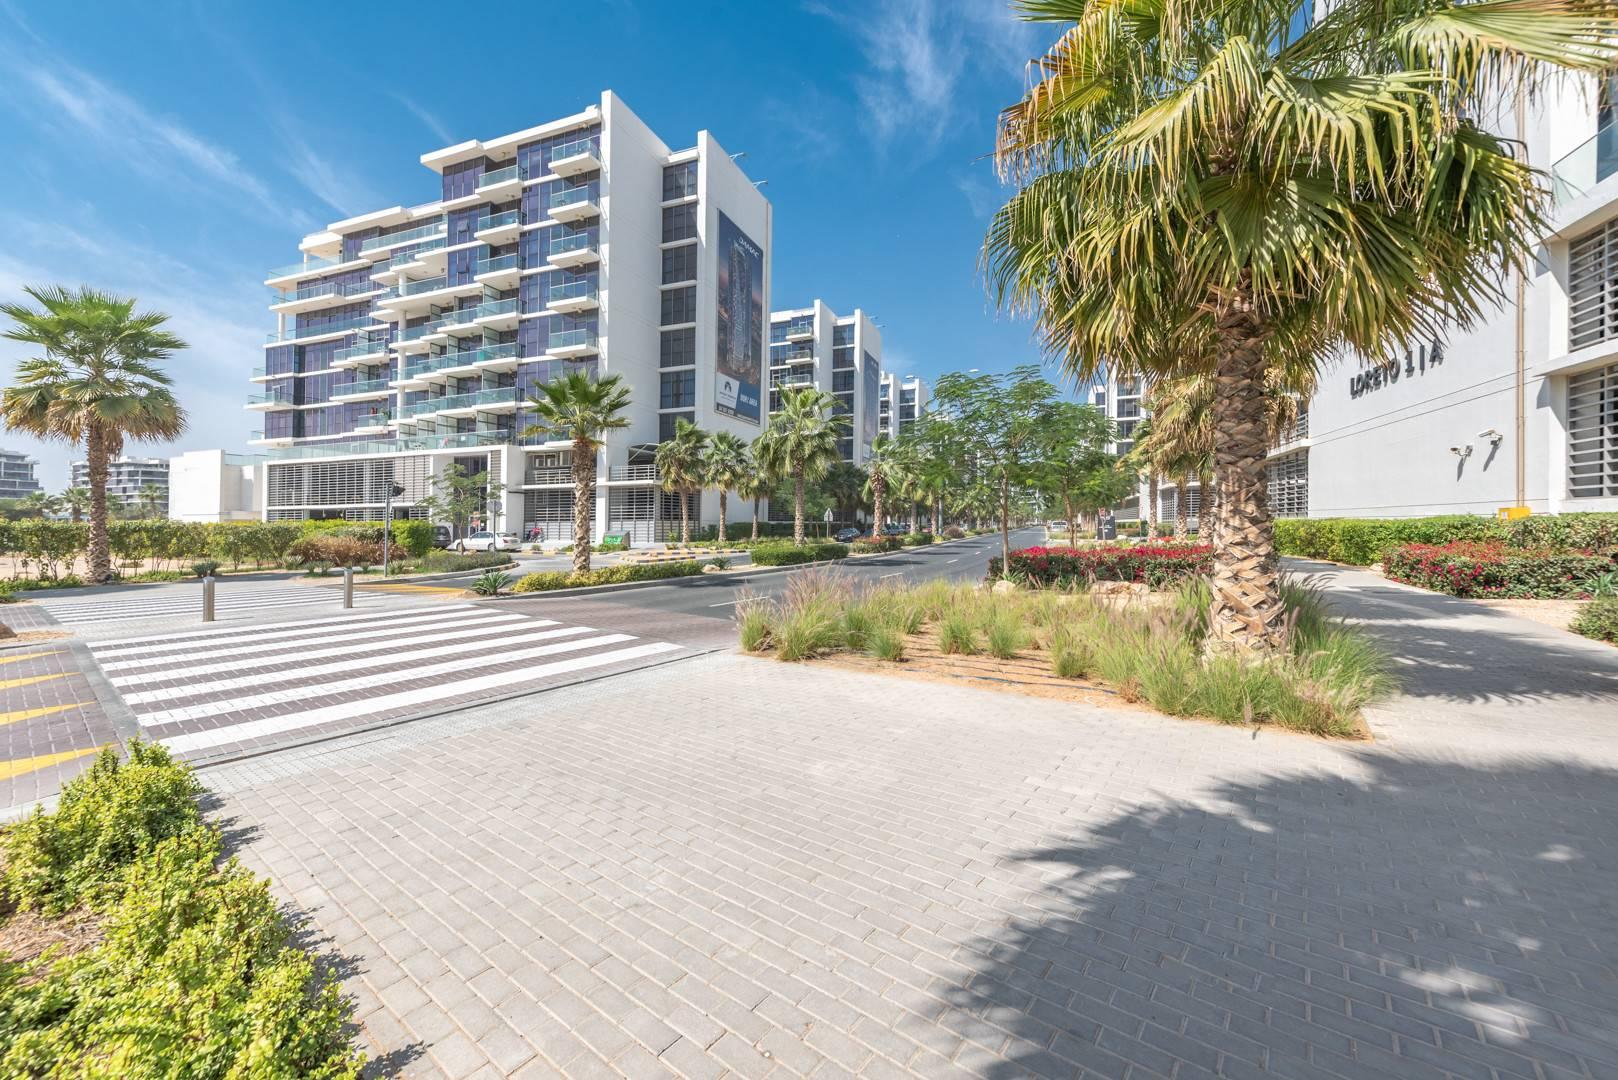 Апартаменты, sale в Golf town Дубай, ОАЭ